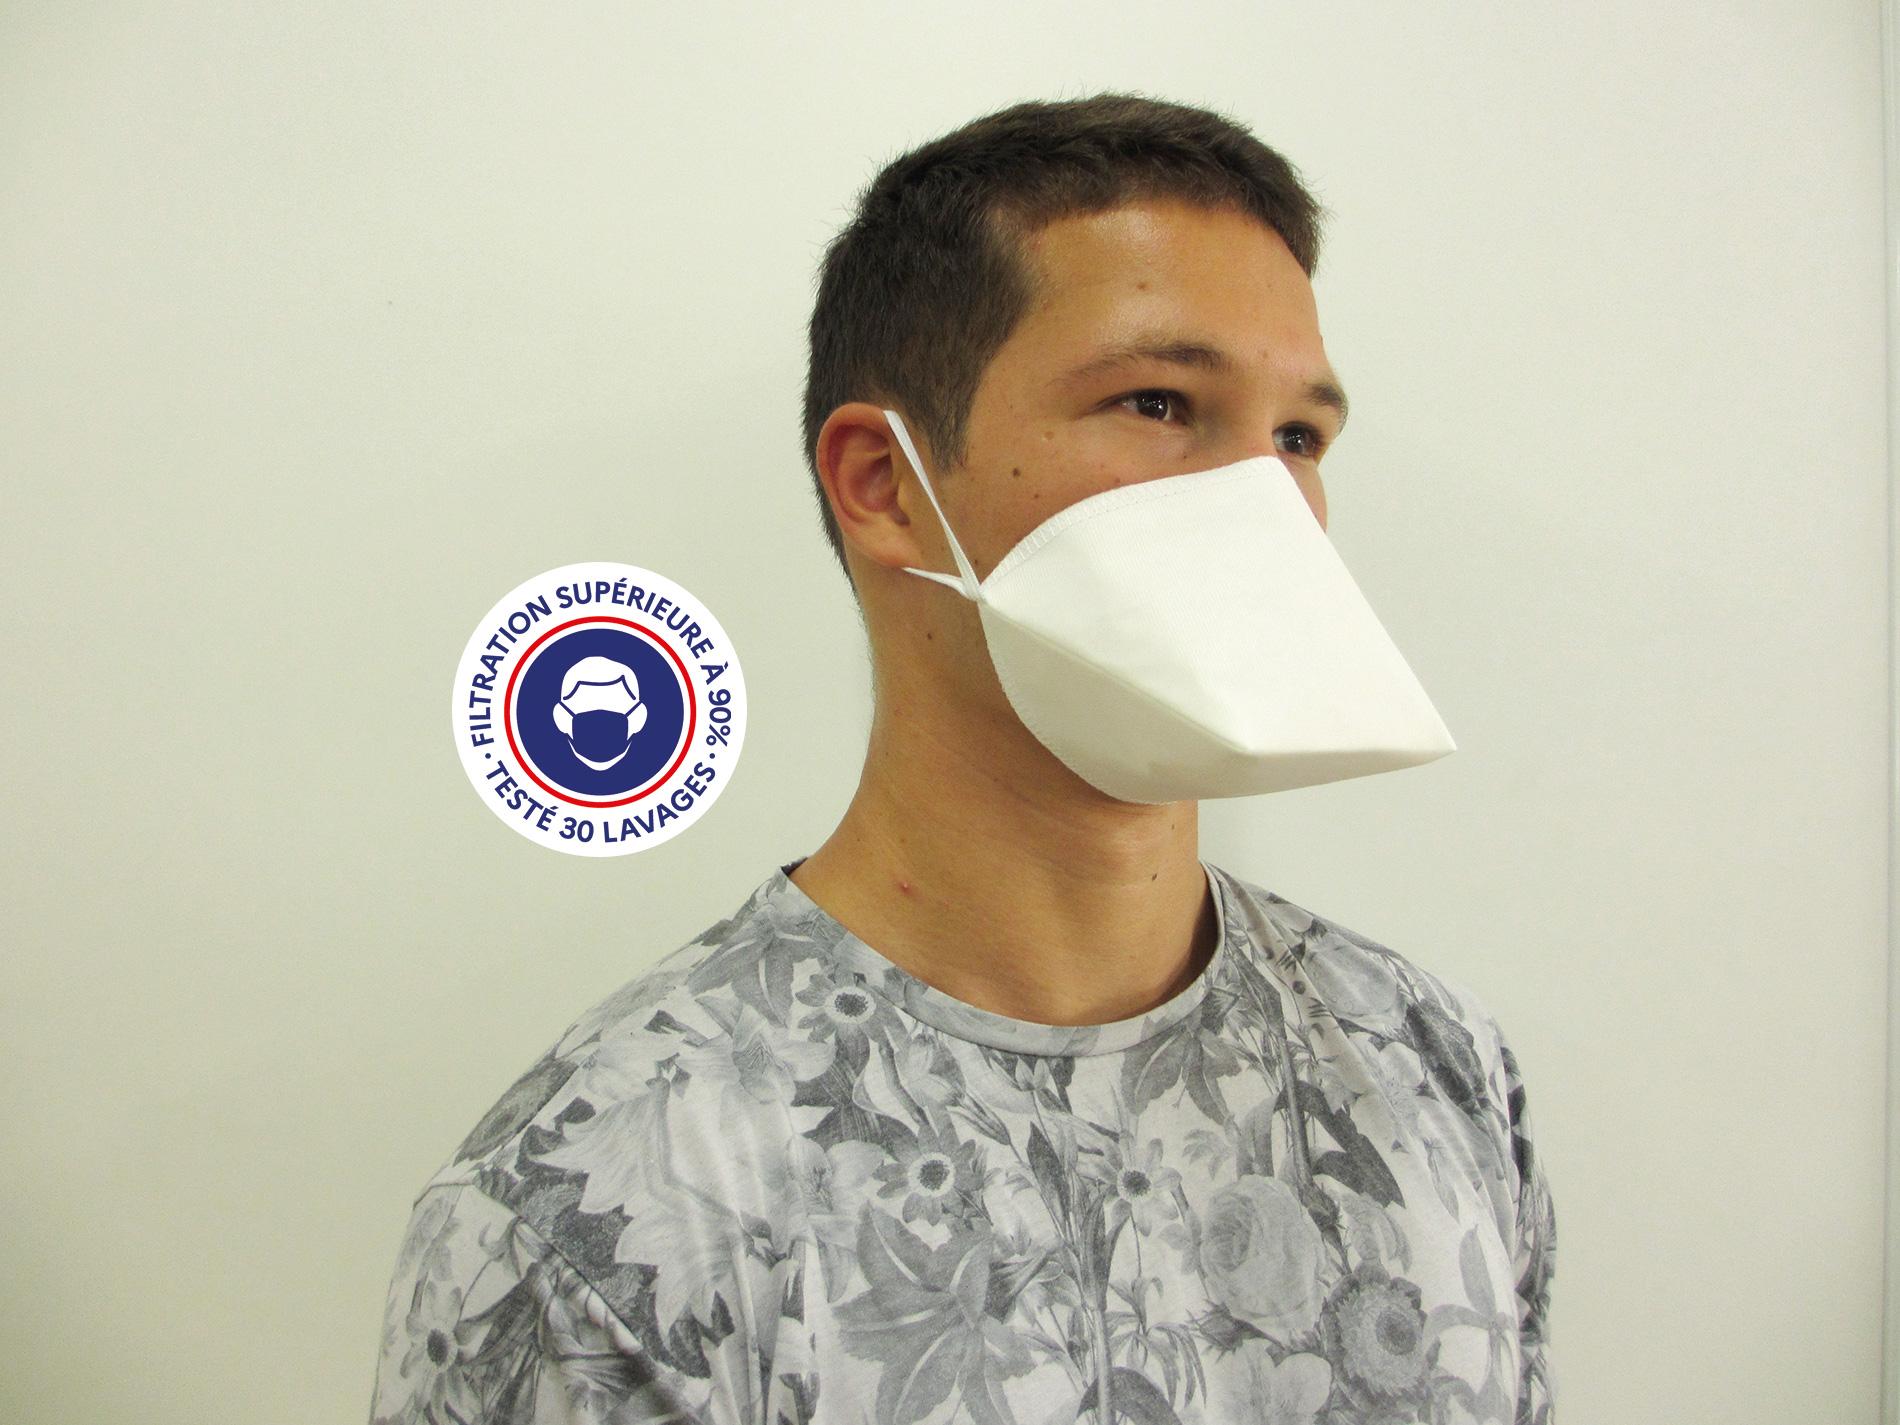 Teximasque 30 lavages - Masque Grand Public Filtration supérieure à 90%